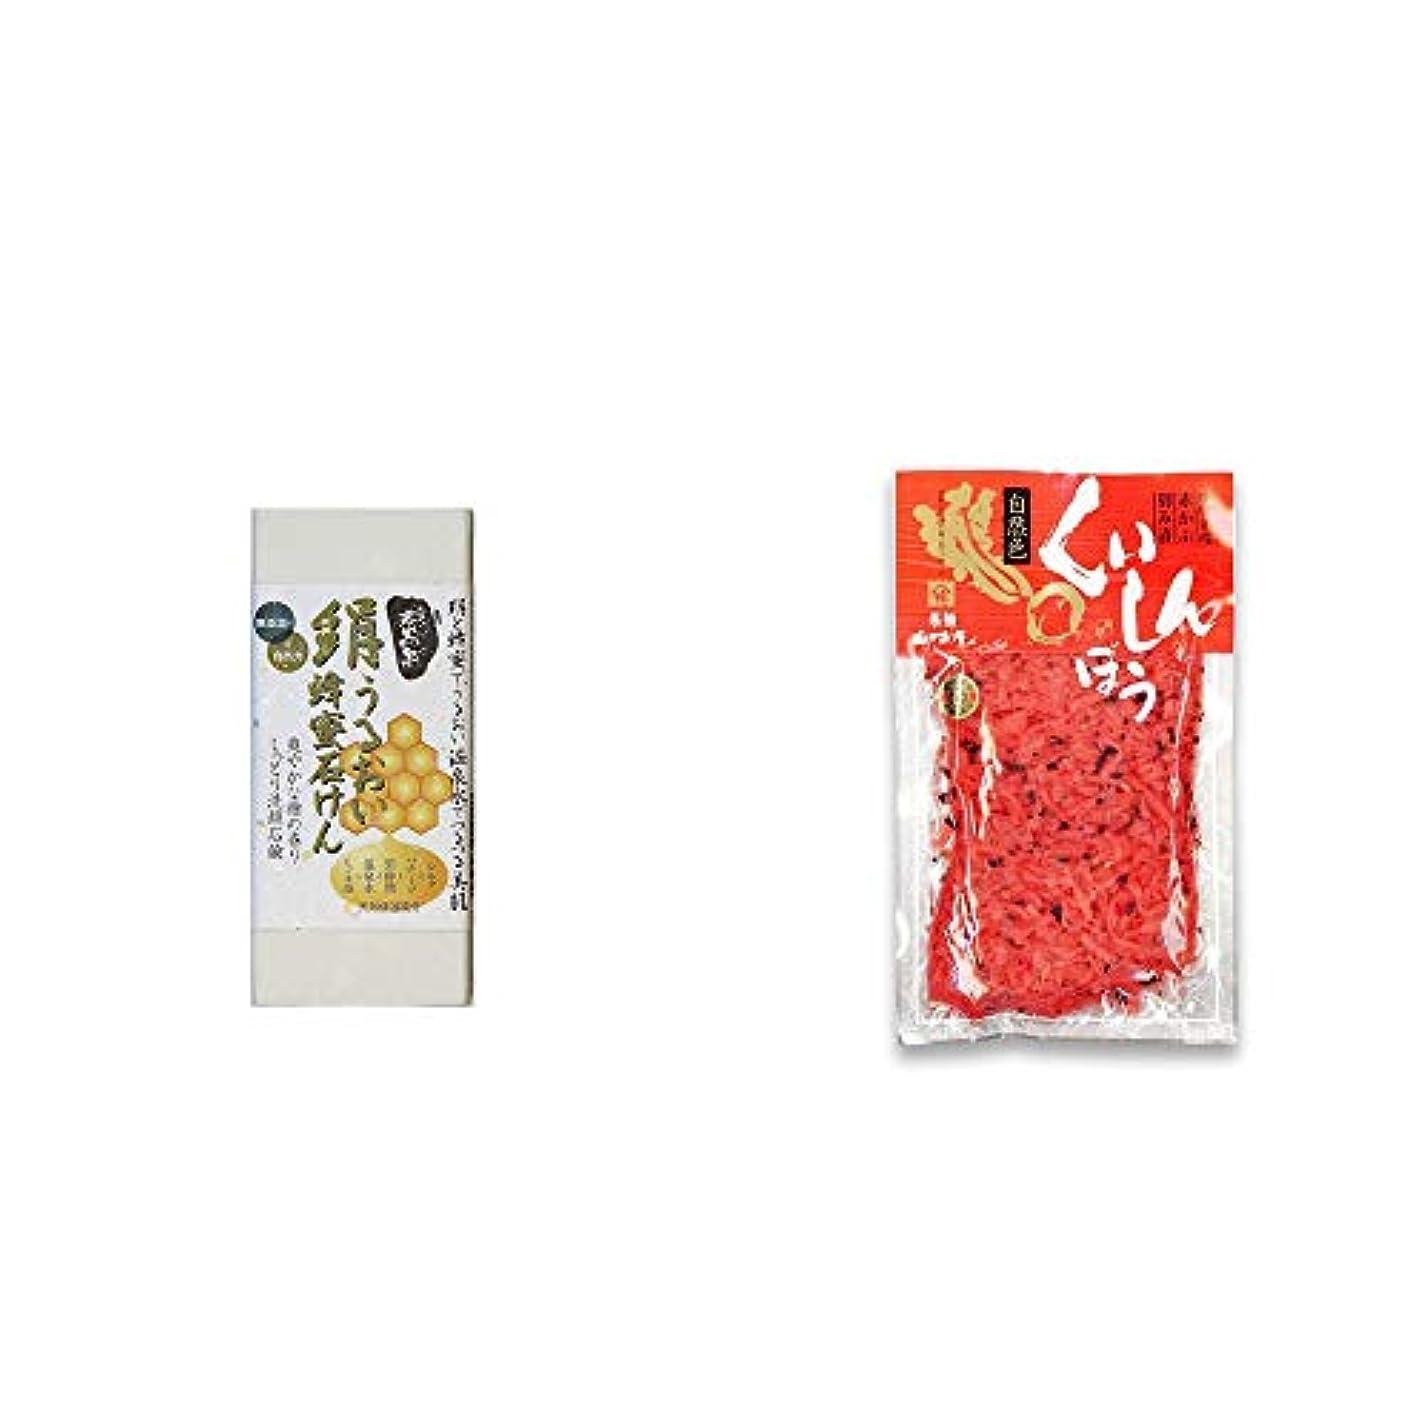 廃止ティッシュ舌な[2点セット] ひのき炭黒泉 絹うるおい蜂蜜石けん(75g×2)?飛騨山味屋 くいしんぼう【大】(260g) [赤かぶ刻み漬け]